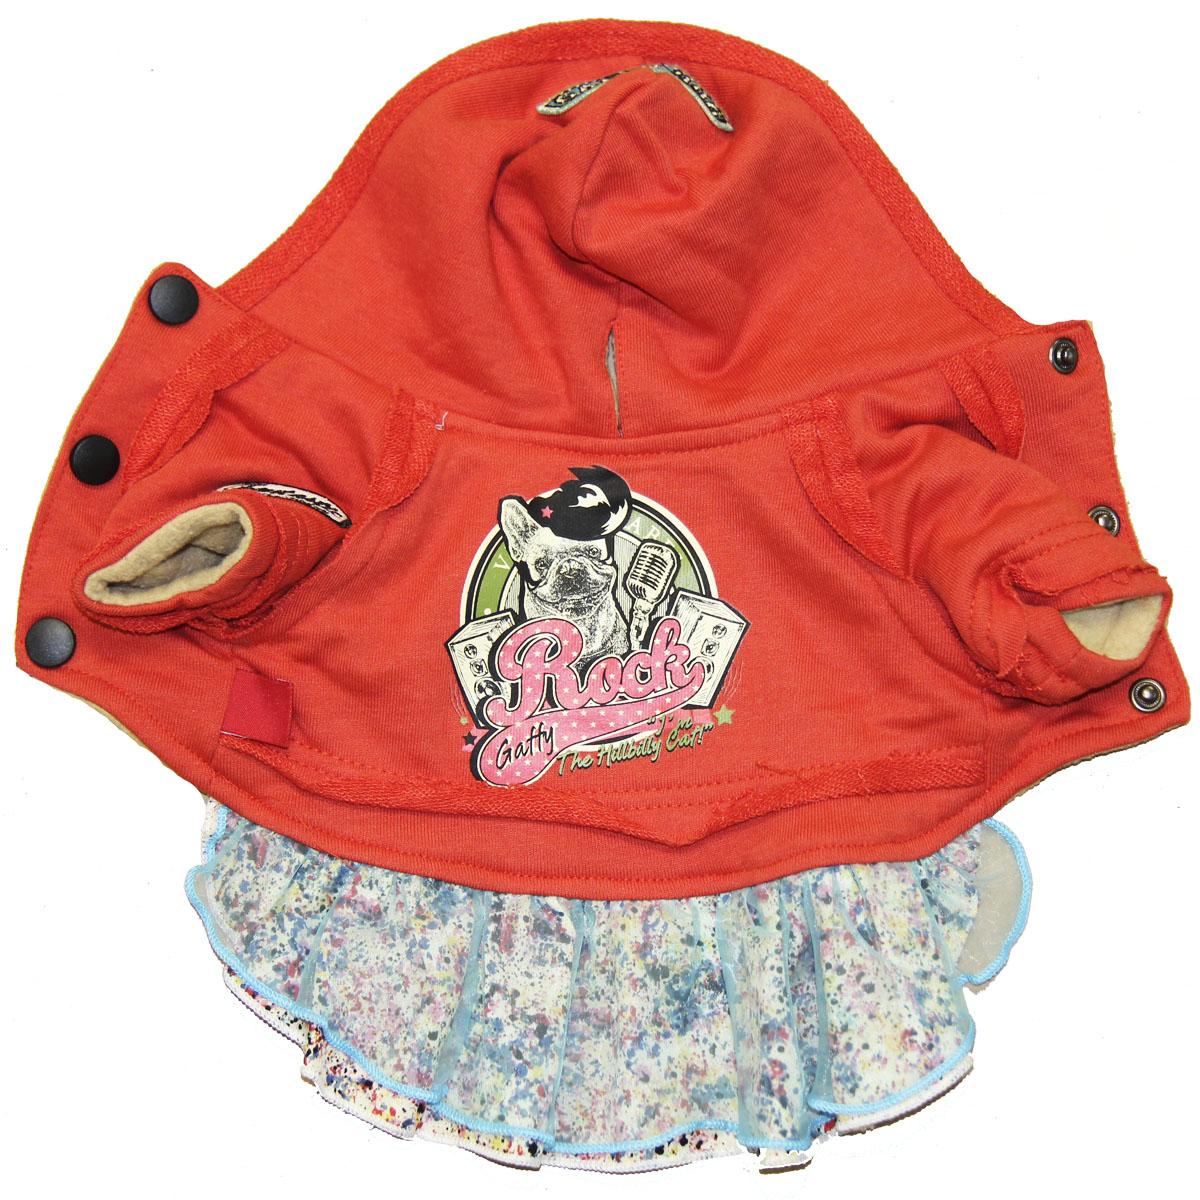 Костюм для собак Gaffy Pet Rock Baby, для девочки, цвет: красный. Размер XS11004 XSЦельный костюм для модных собачек Gaffy Pet Rock Baby состоит из 2-х частей: толстовка в стиле рок и юбка с ярким принтом. Нежная юбка выполнена из хлопка и органзы.Актуальный спортивный шик. Модная толстовка и романтичная юбка - тренд в мире моды.Модель фиксируется на животе металлическими кнопками. Обхват шеи: 20 см.Обхват груди: 35 см.Длина спины: 22 см.Одежда для собак: нужна ли она и как её выбрать. Статья OZON Гид